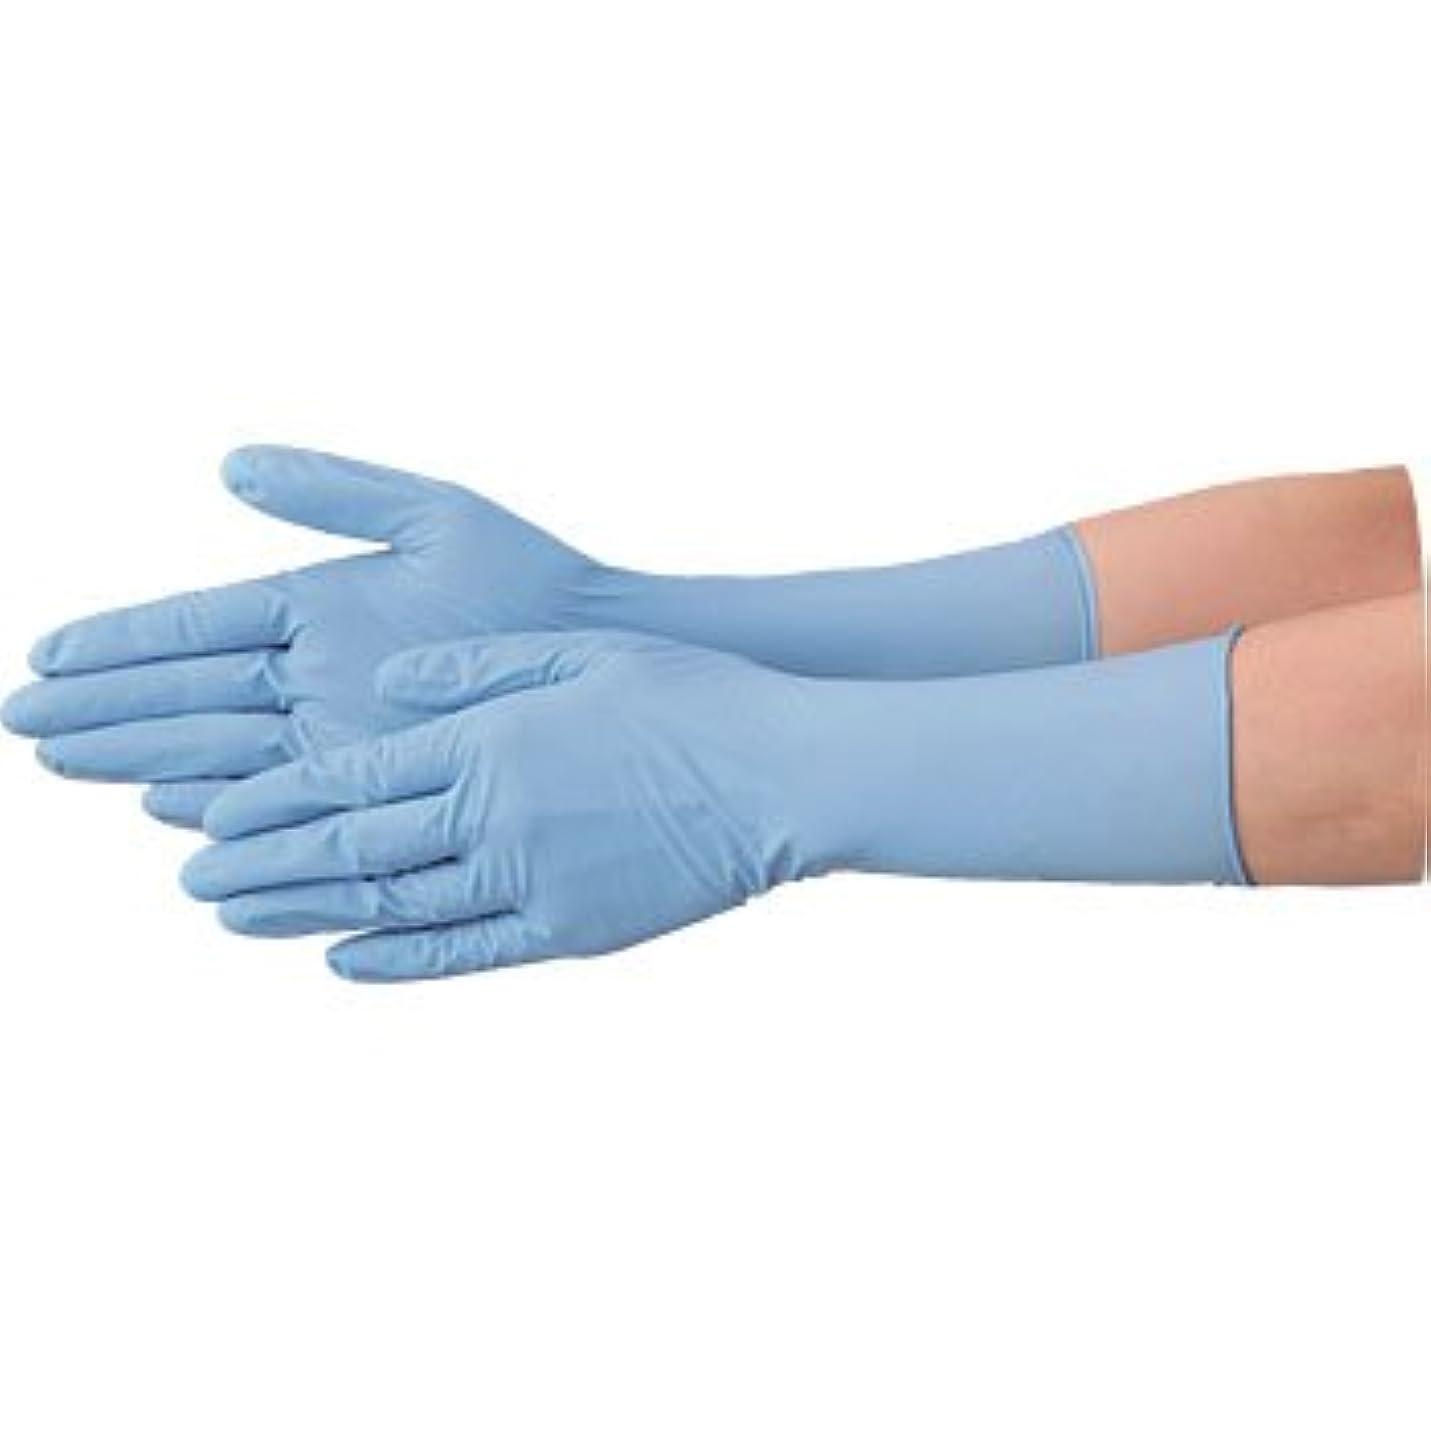 使い捨て 手袋 エブノ 528 ニトリル ロング手袋 パウダーフリー 全長29cm ブルー Lサイズ 2ケース(100枚×40箱)